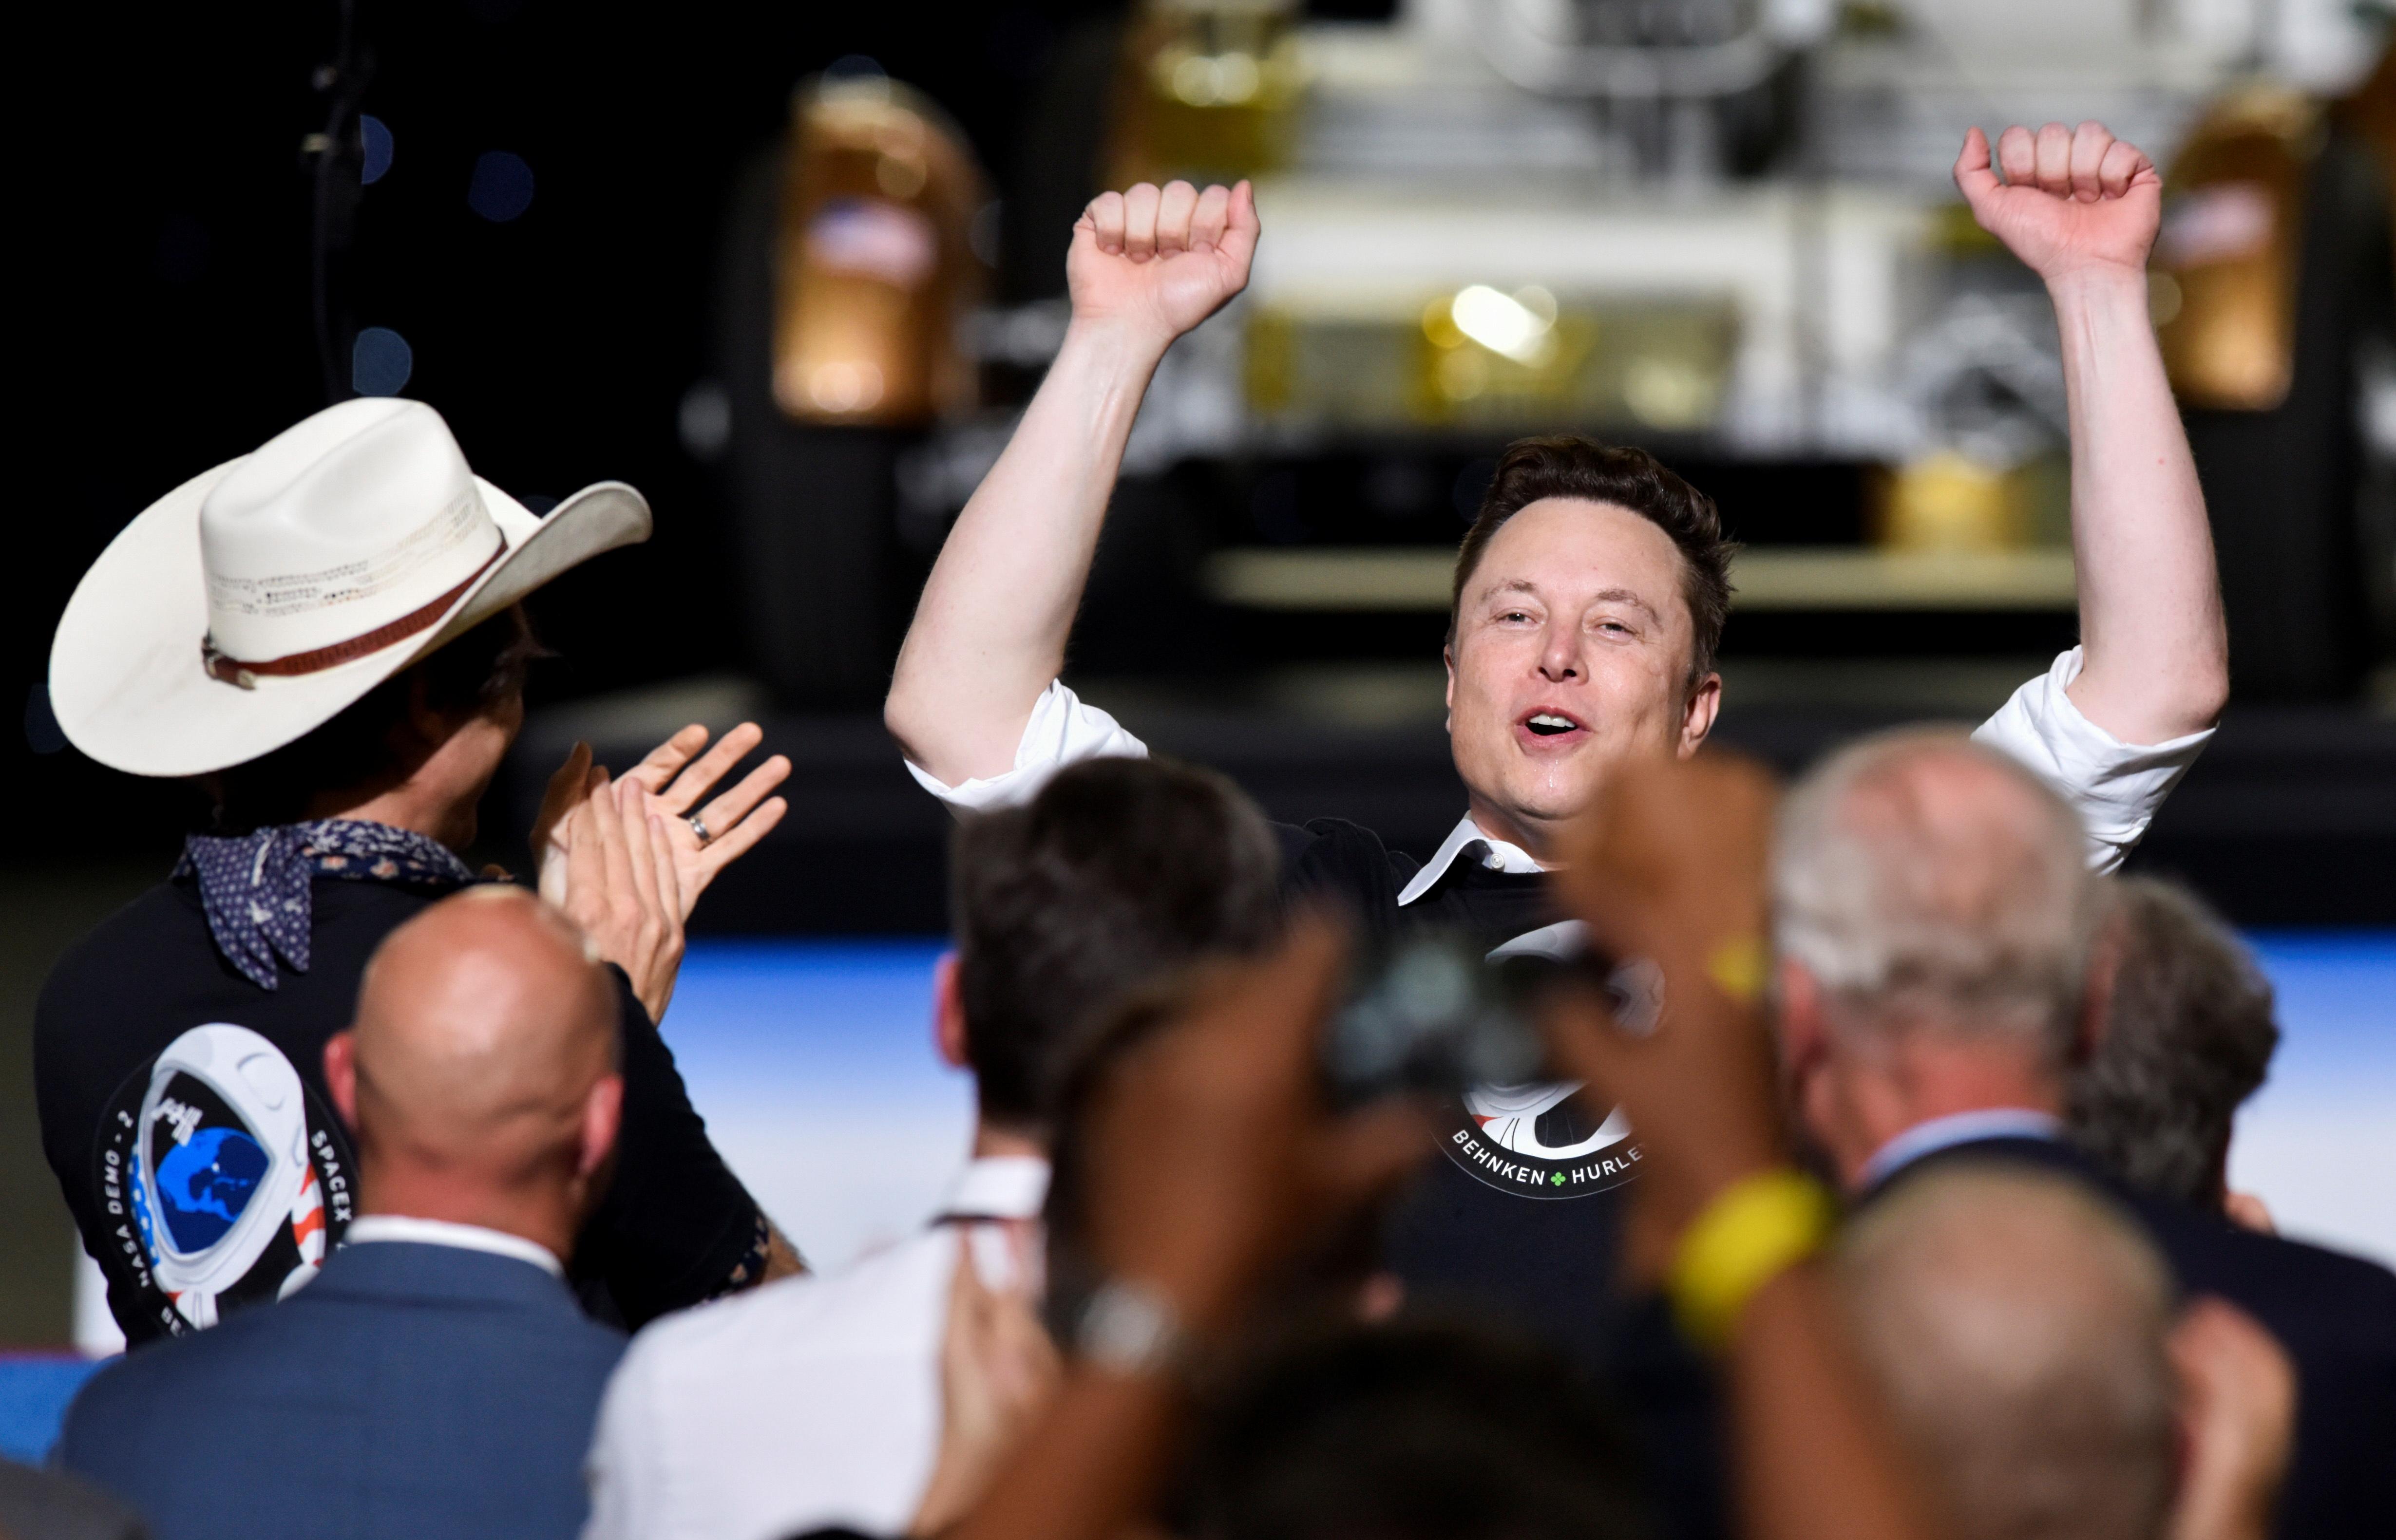 La empresa de Elon Musk inauguró la era de las misiones comerciales al espacio